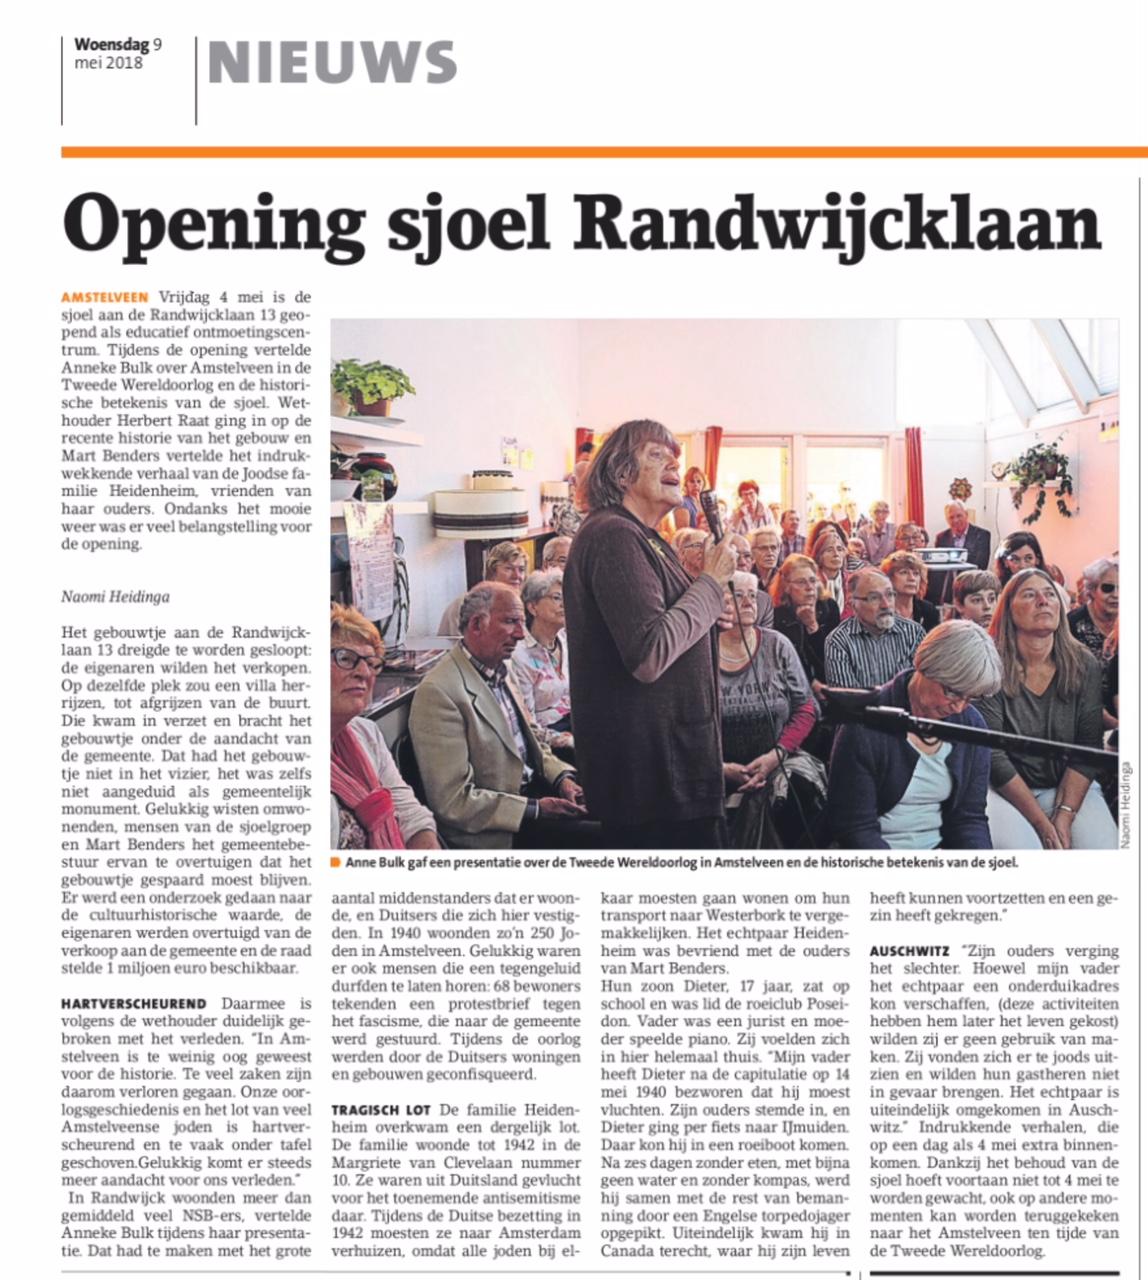 2018-9-5 Amstelveens Nieuwsblad over open Joodse huizen Anne Bilk, Mart Benders en Herbert Raat Amstelveen Randwijcklaan 13